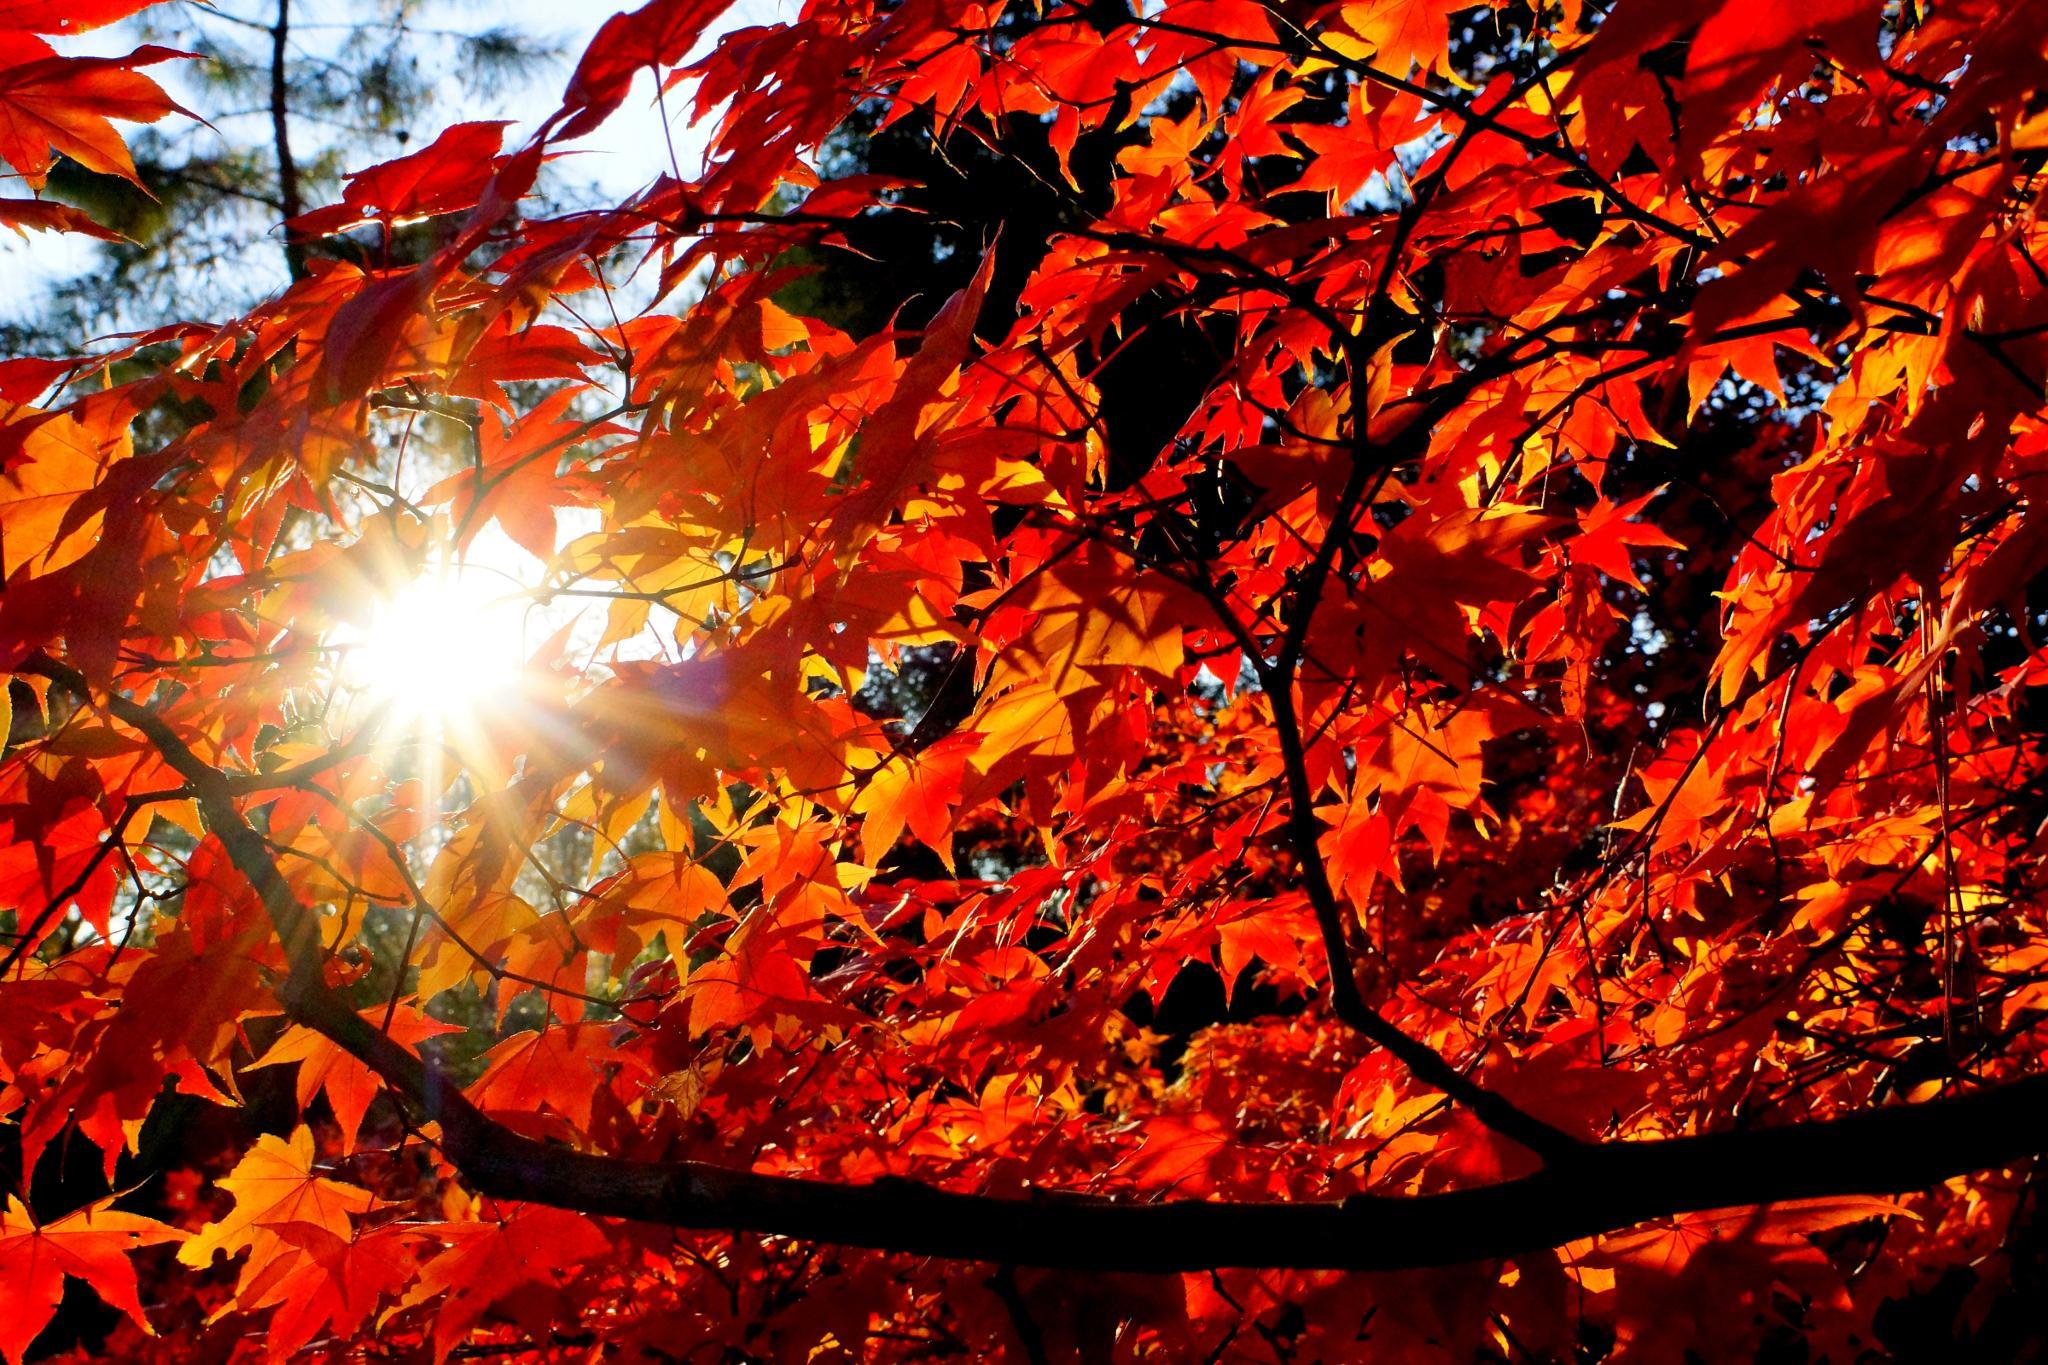 Autumn Sun by Gibbsgirl11